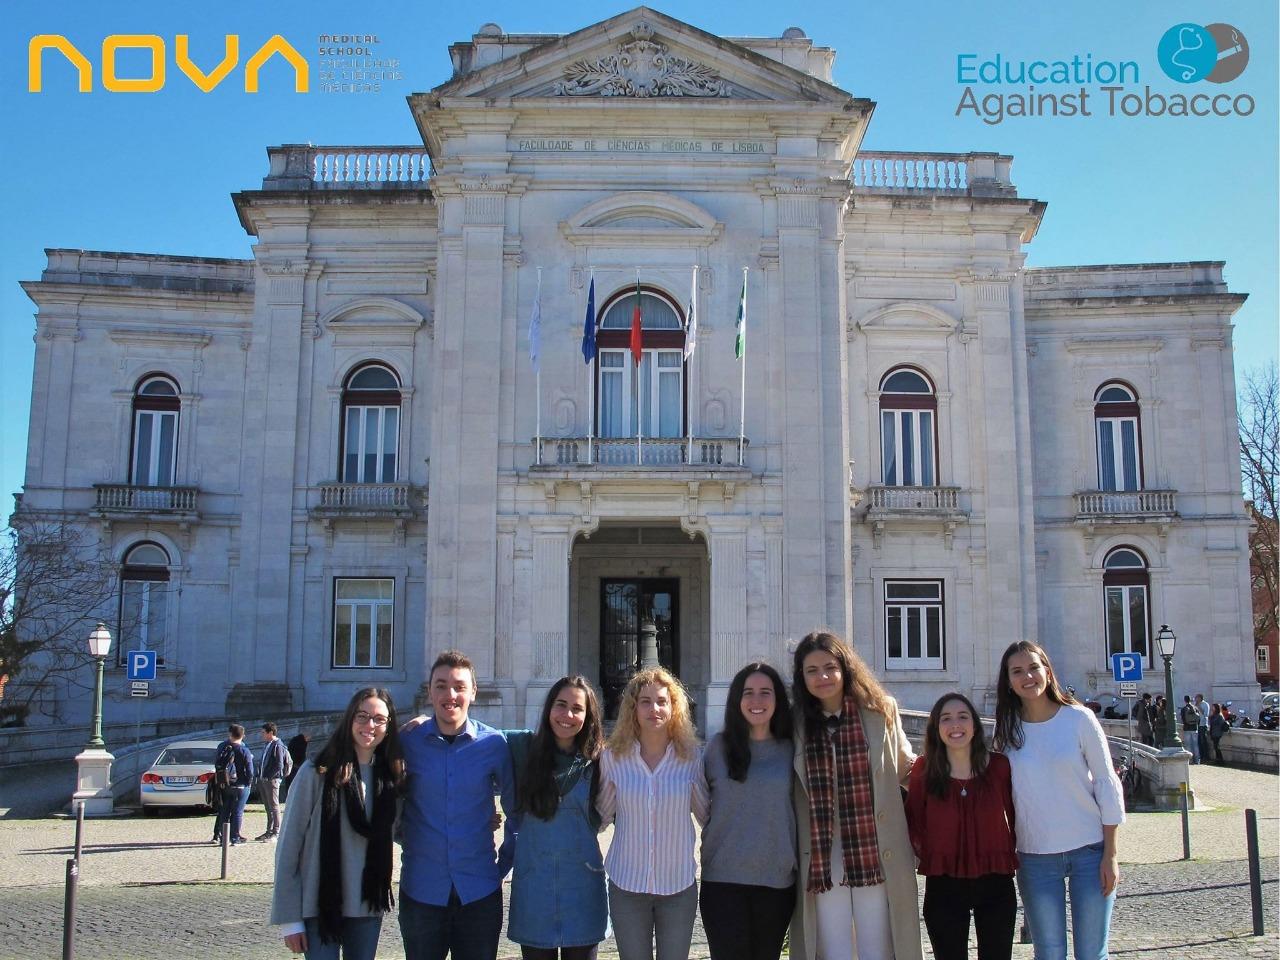 EAT-Portugal members: Maria Inês Roxo, Paulo Gomes, Inês Gaspar, Cláudia Oliveira, Beatriz Folgado, Dimey Roque, Teresa Homem, Ana Antunes